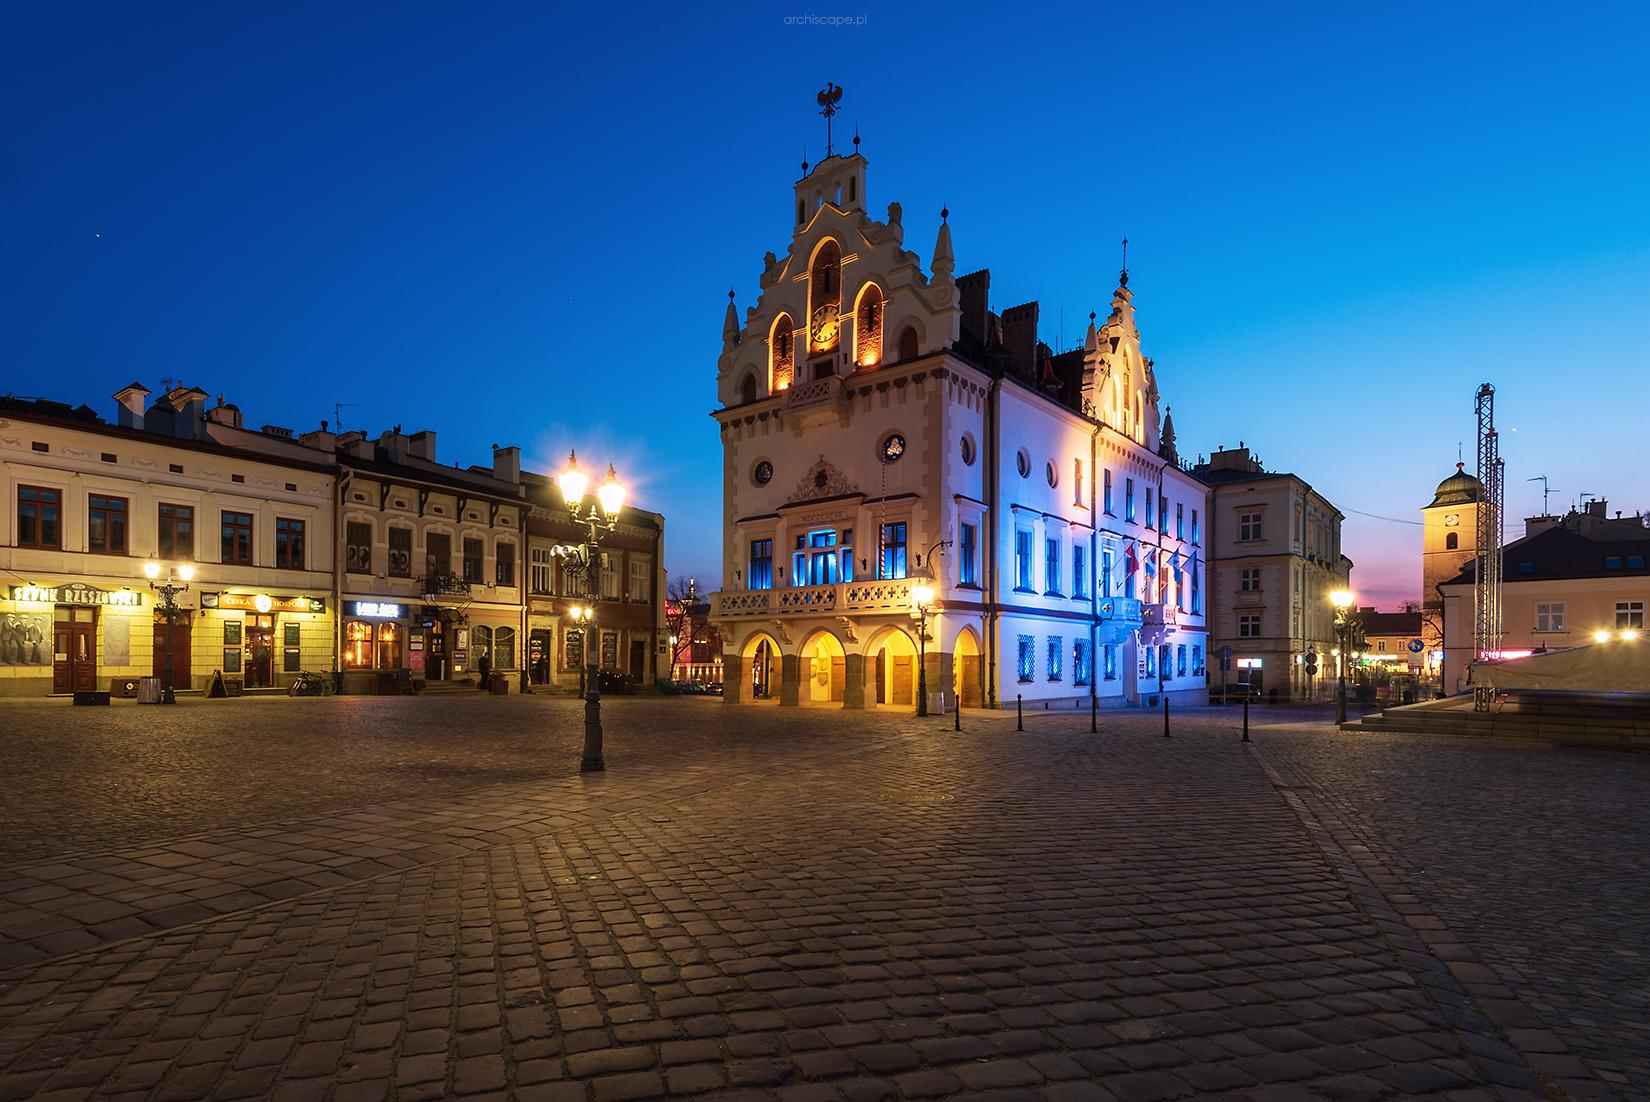 Rzeszów Market Square and City Hall, Poland